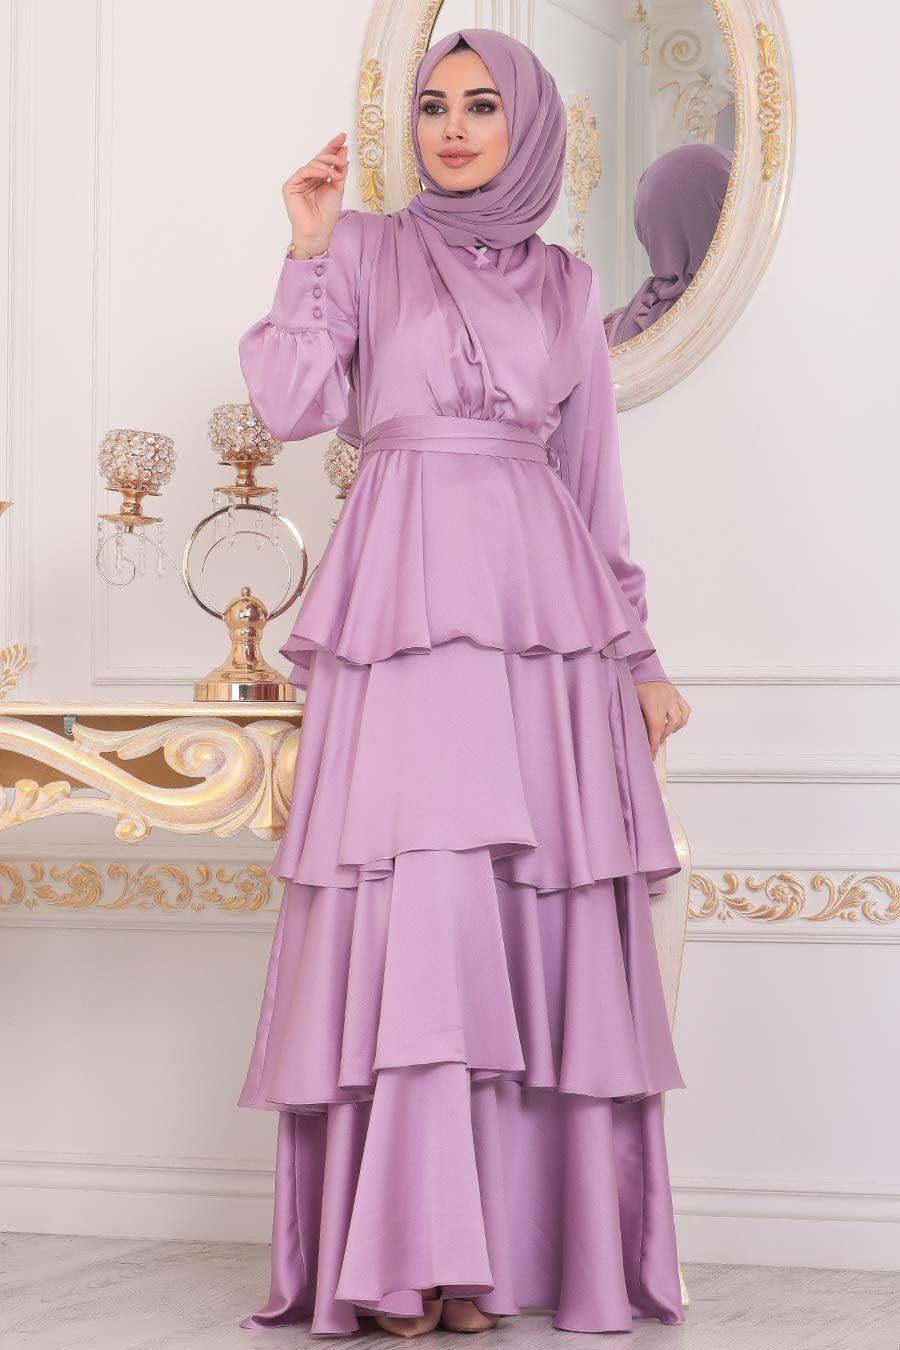 Tesetturlu Abiye Elbise Firfirli Krep Saten Lila Tesettur Abiye Elbise 22701lila Tesetturisland Com 2020 Mutevazi Moda Moda Stilleri Elbise